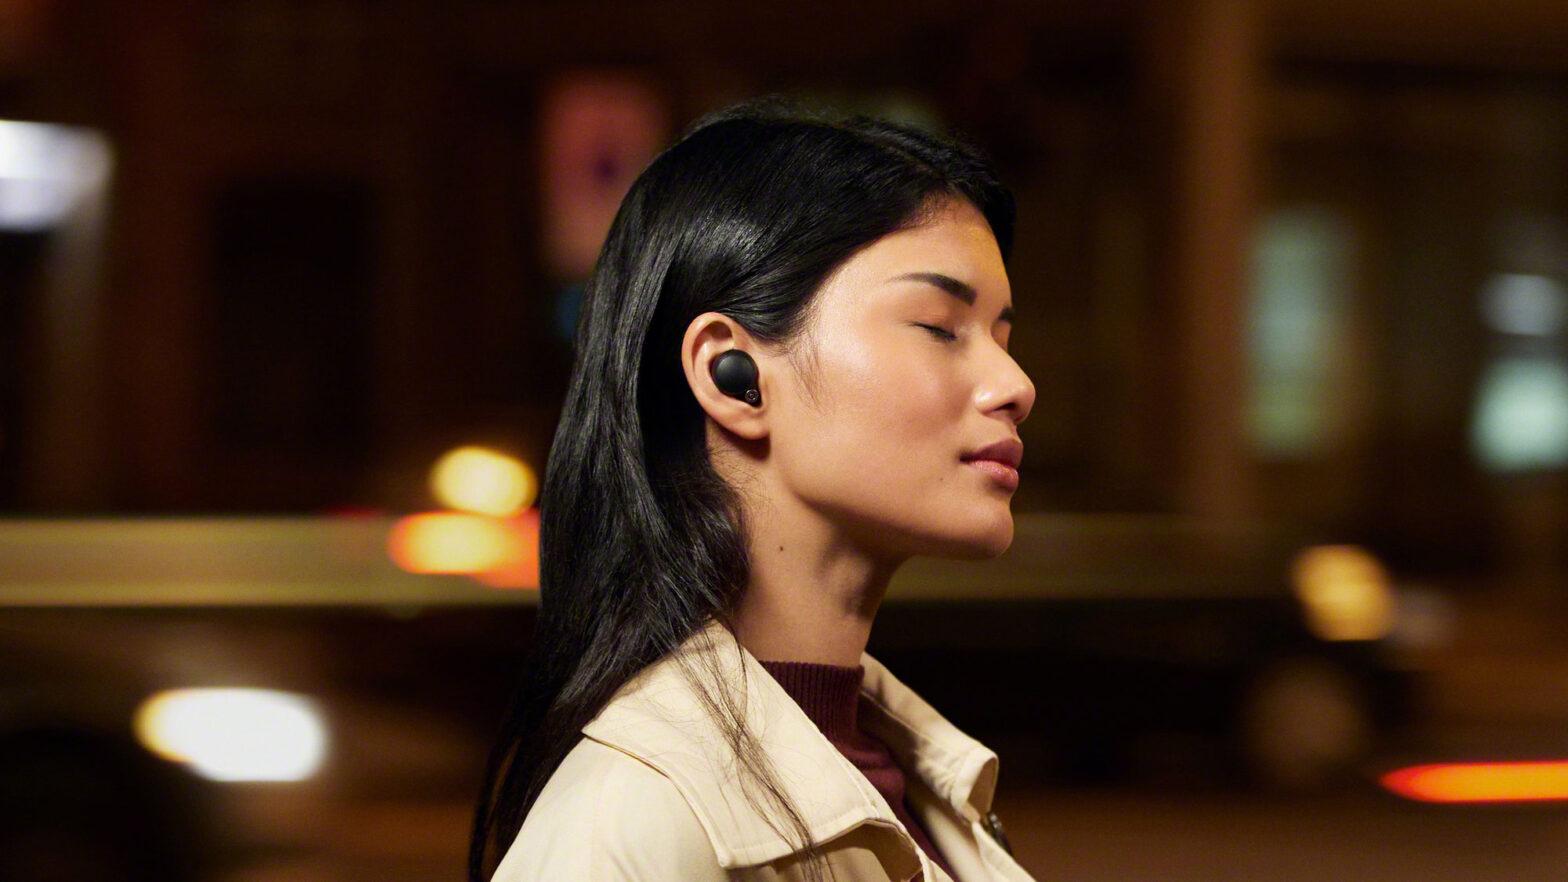 Sony WF-1000XM4 True Wireless Earbuds